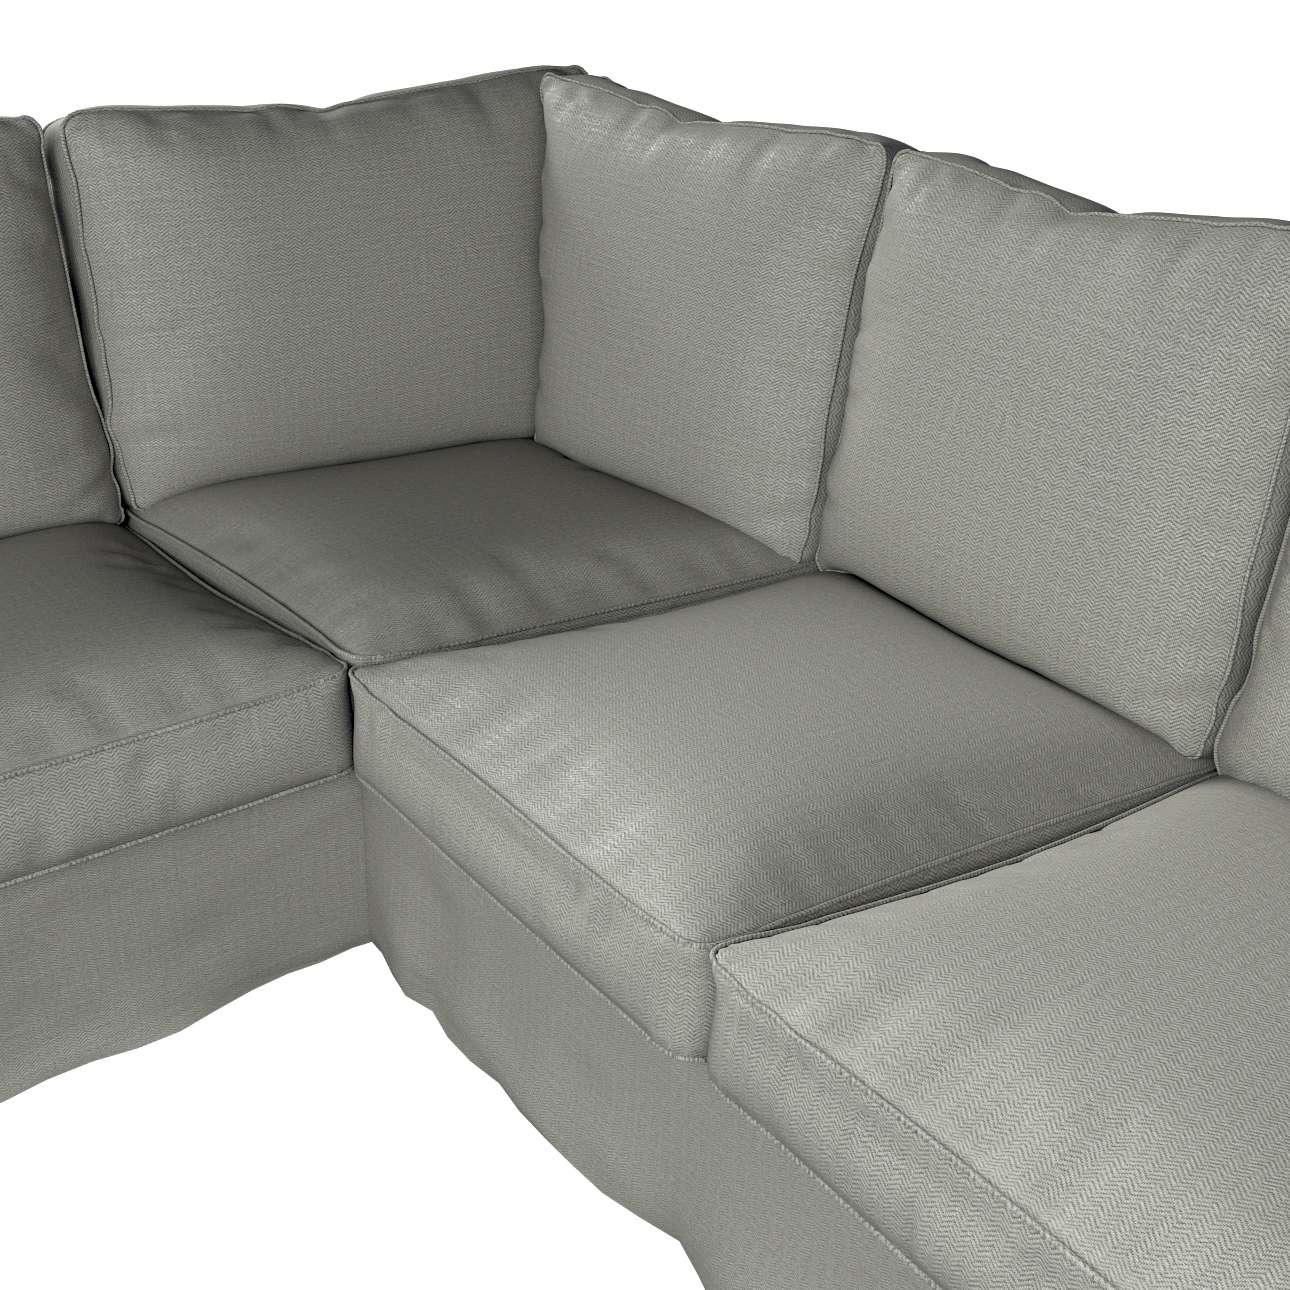 Pokrowiec na sofę narożną Ektorp w kolekcji Bergen, tkanina: 161-83